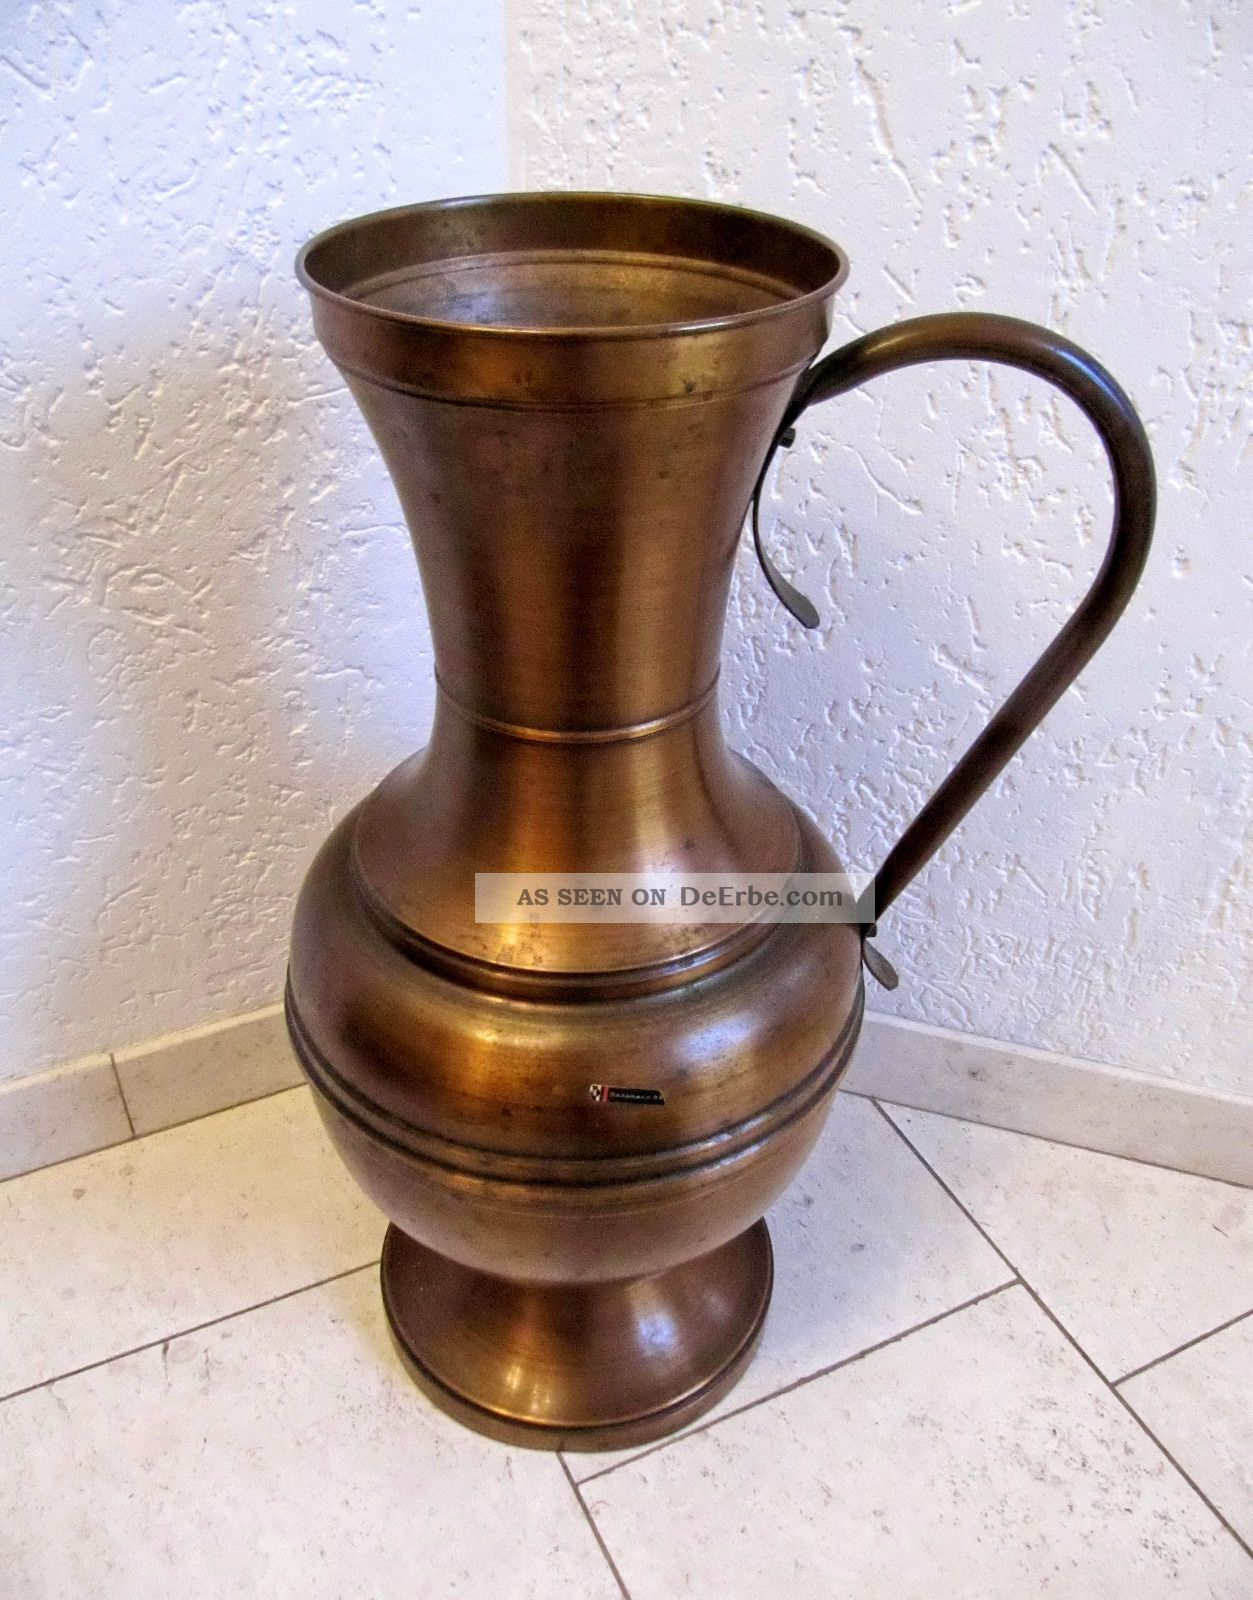 dahlmann kupferkanne henkelkanne kanne vase bodenvase 60cm. Black Bedroom Furniture Sets. Home Design Ideas